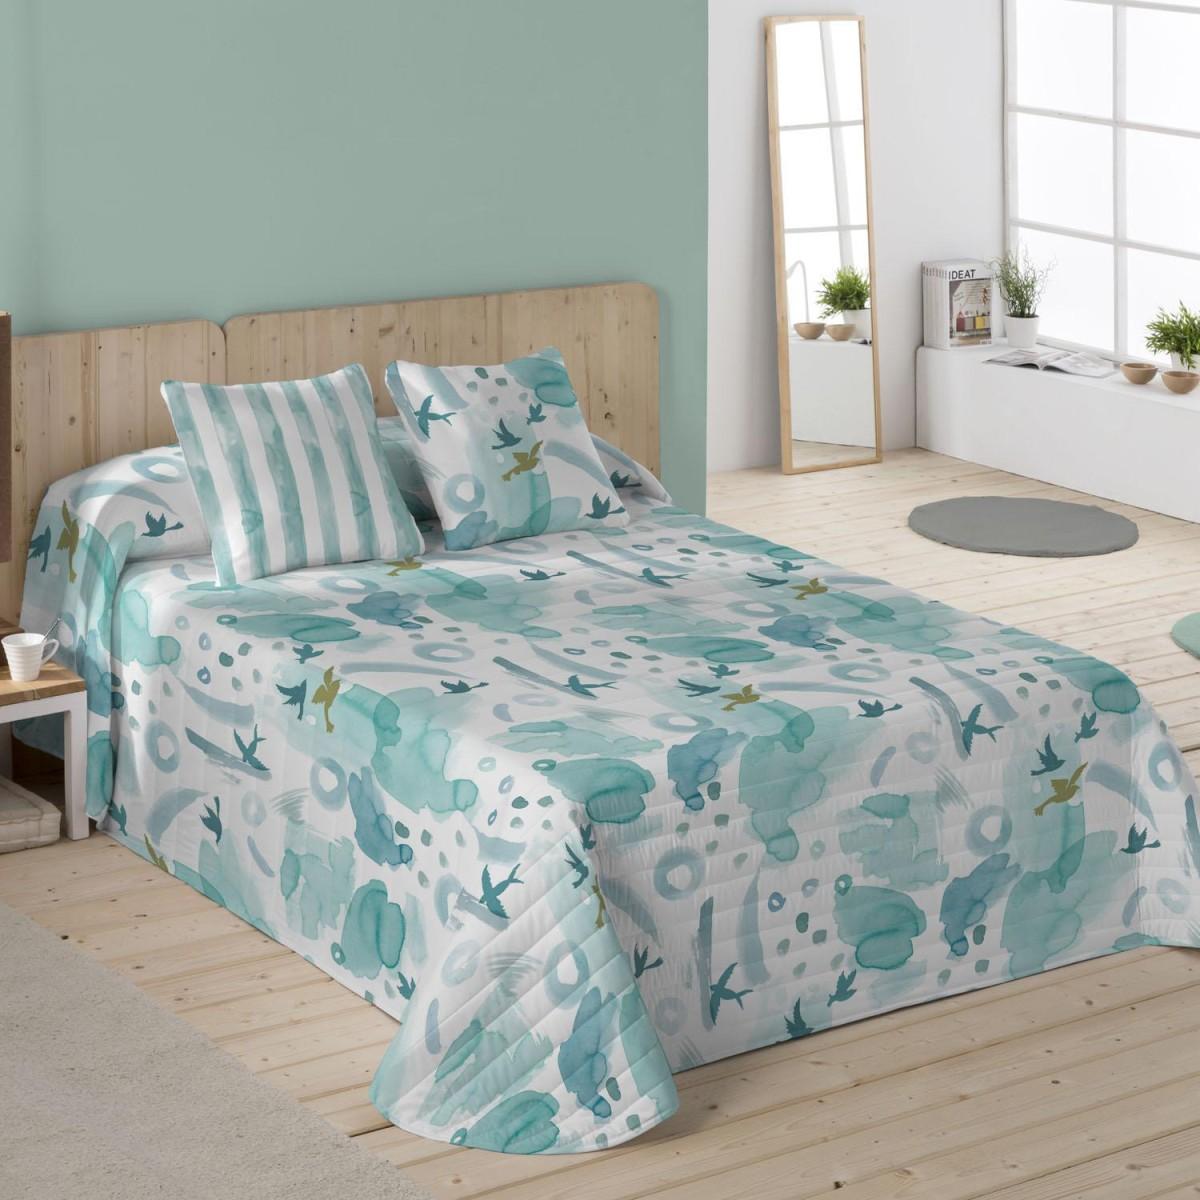 Ikea colcha finest design colchas y cortinas ikea colchas - Ikea ropa de cama colchas ...